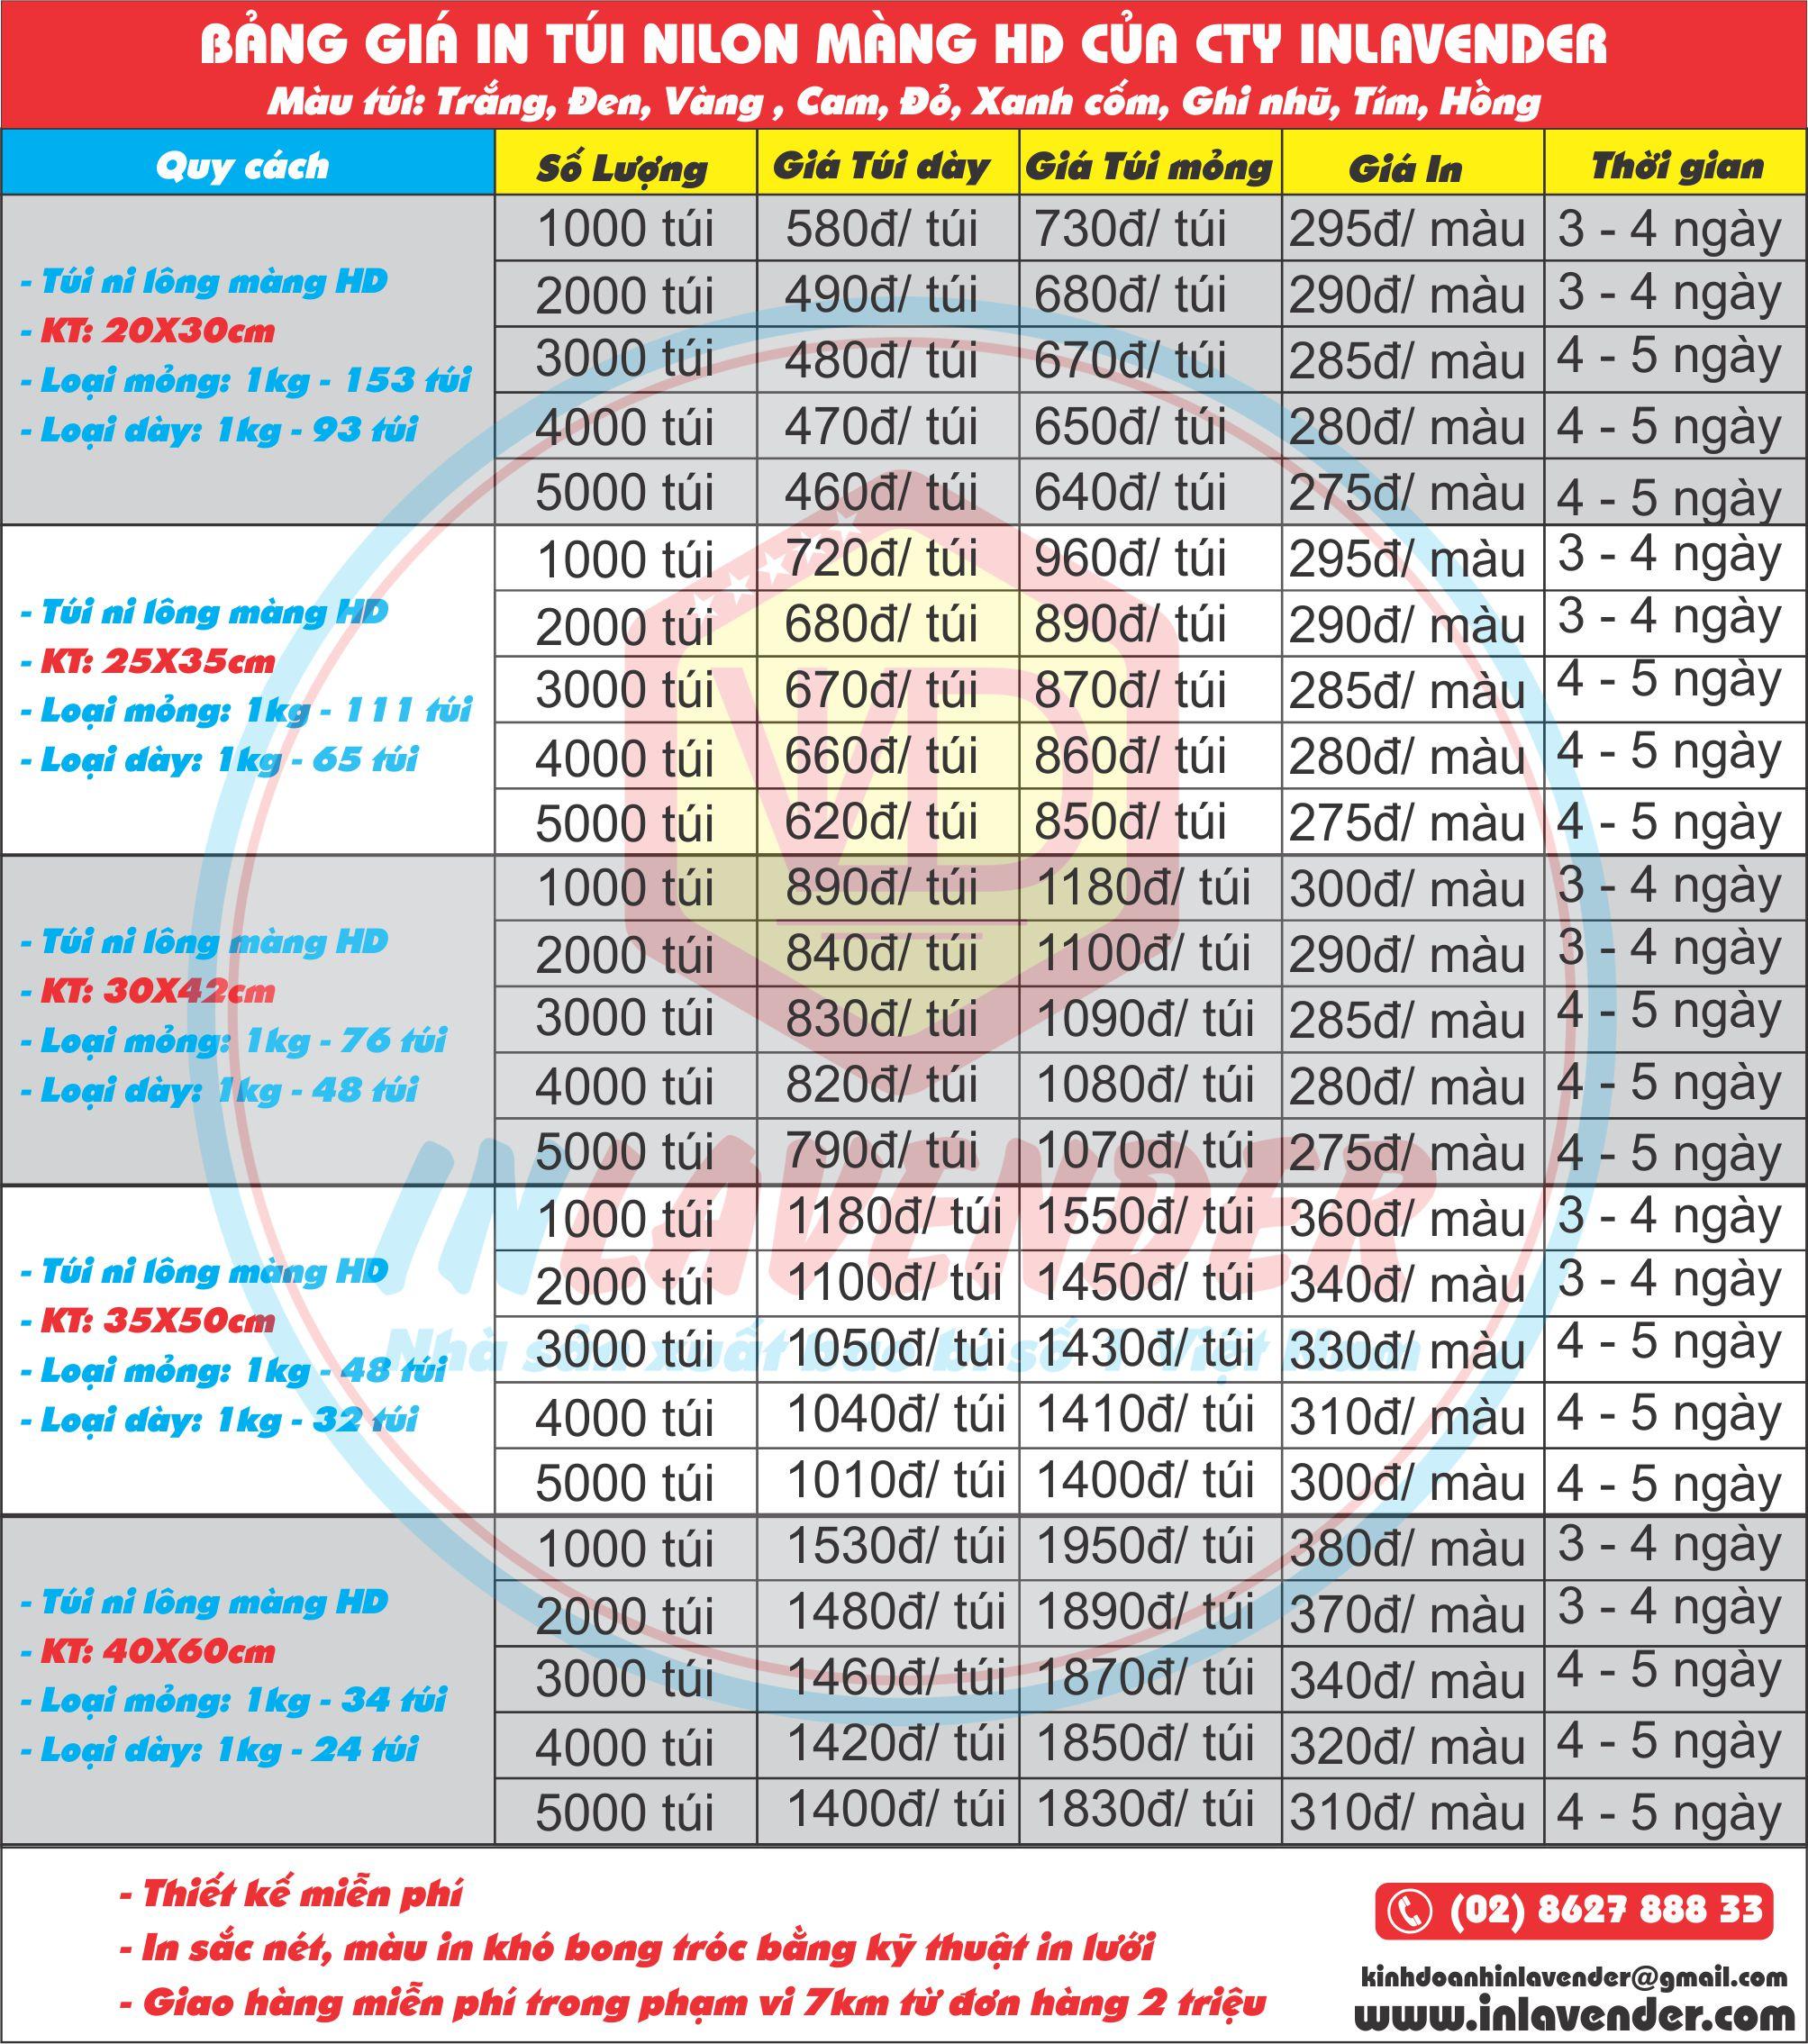 bảng giá in túi nilon giá rẻ